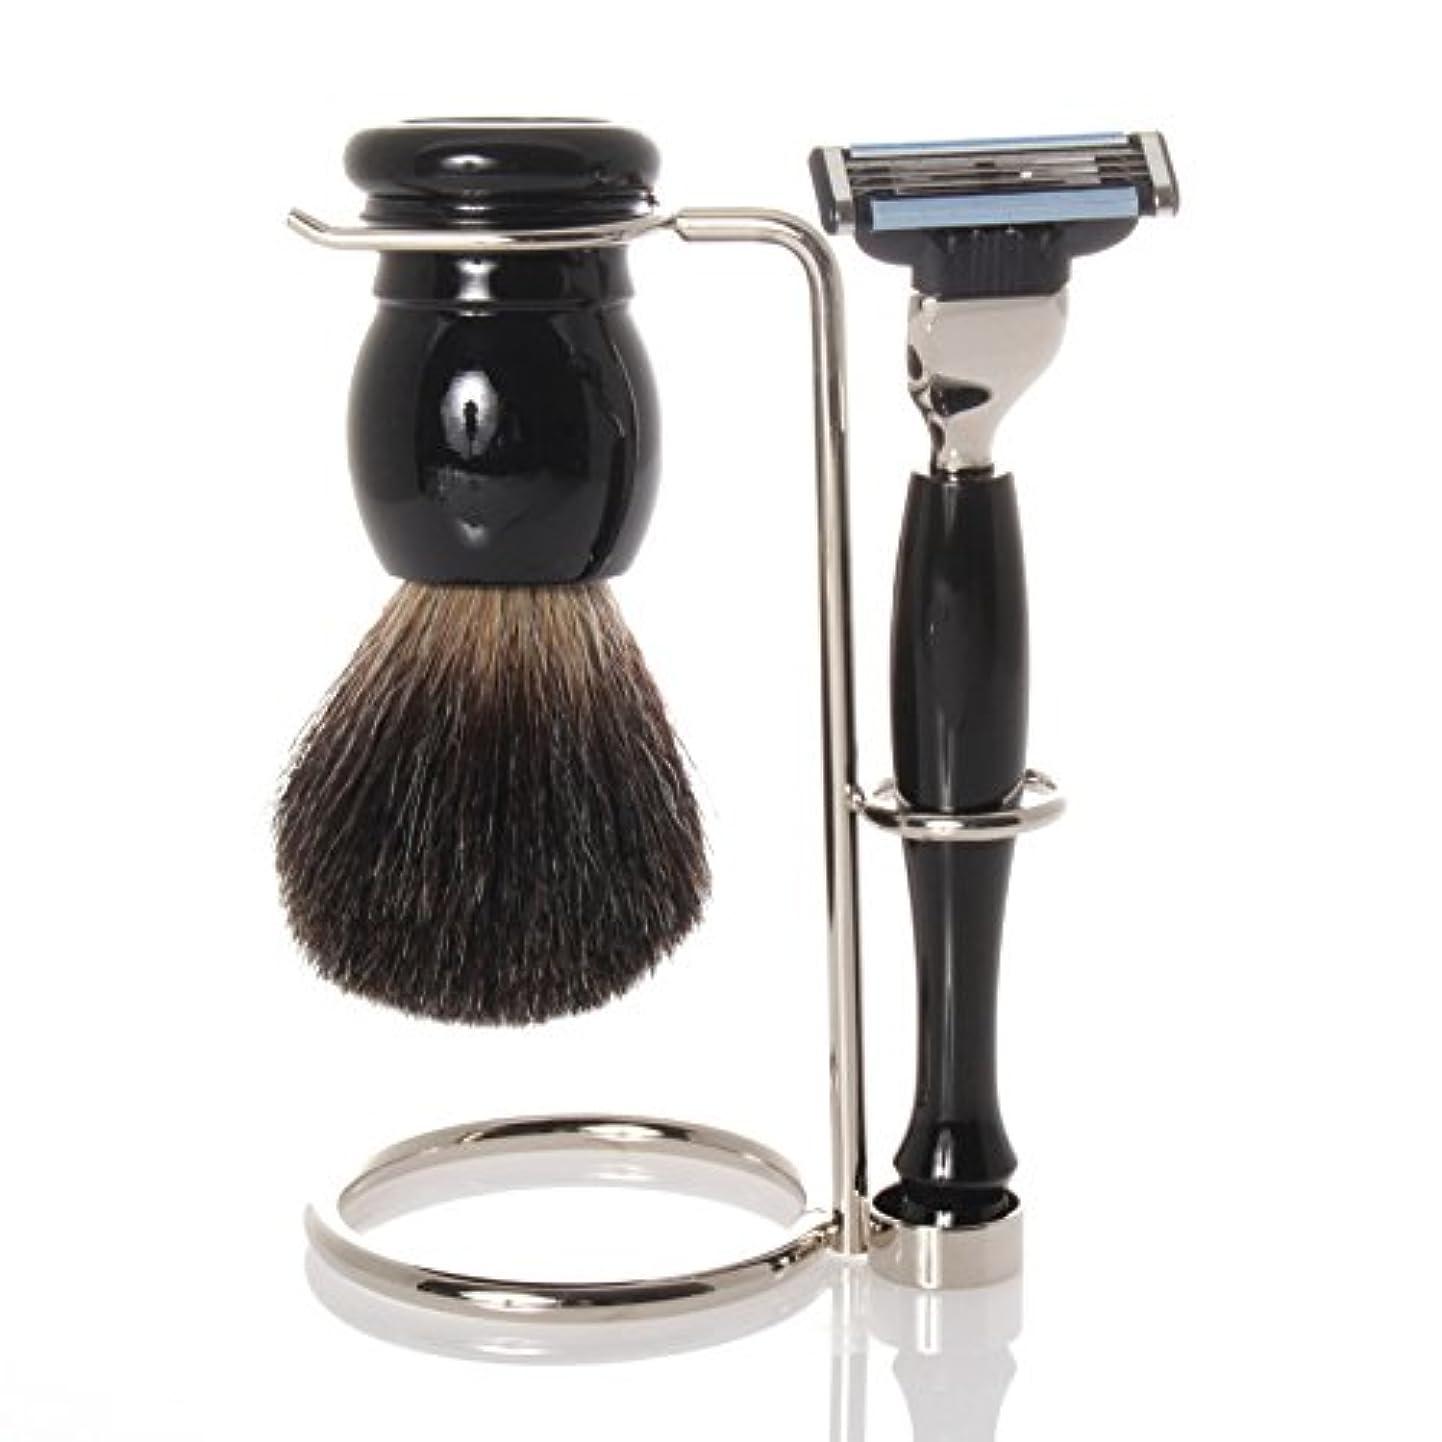 役割和らげる服を洗うShaving set with holder, grey badger brush, razor - Hans Baier Exclusive